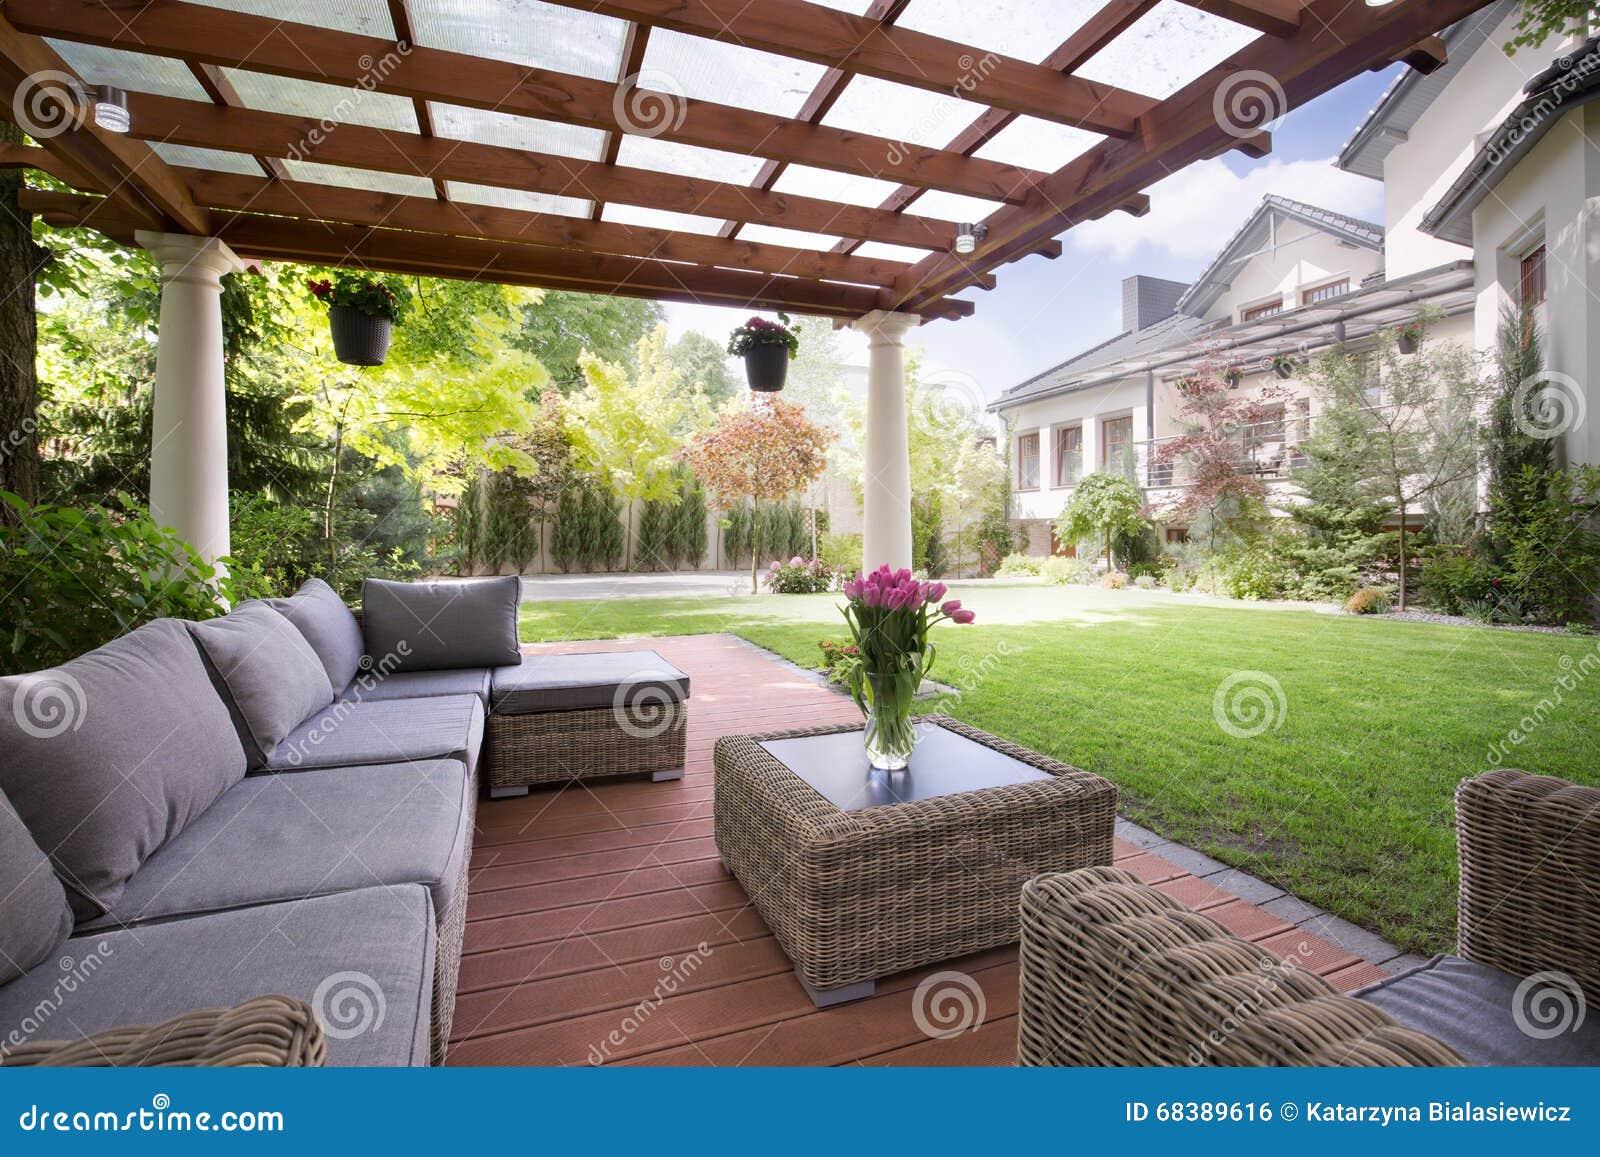 veranda con mobili da giardino moderni fotografia stock